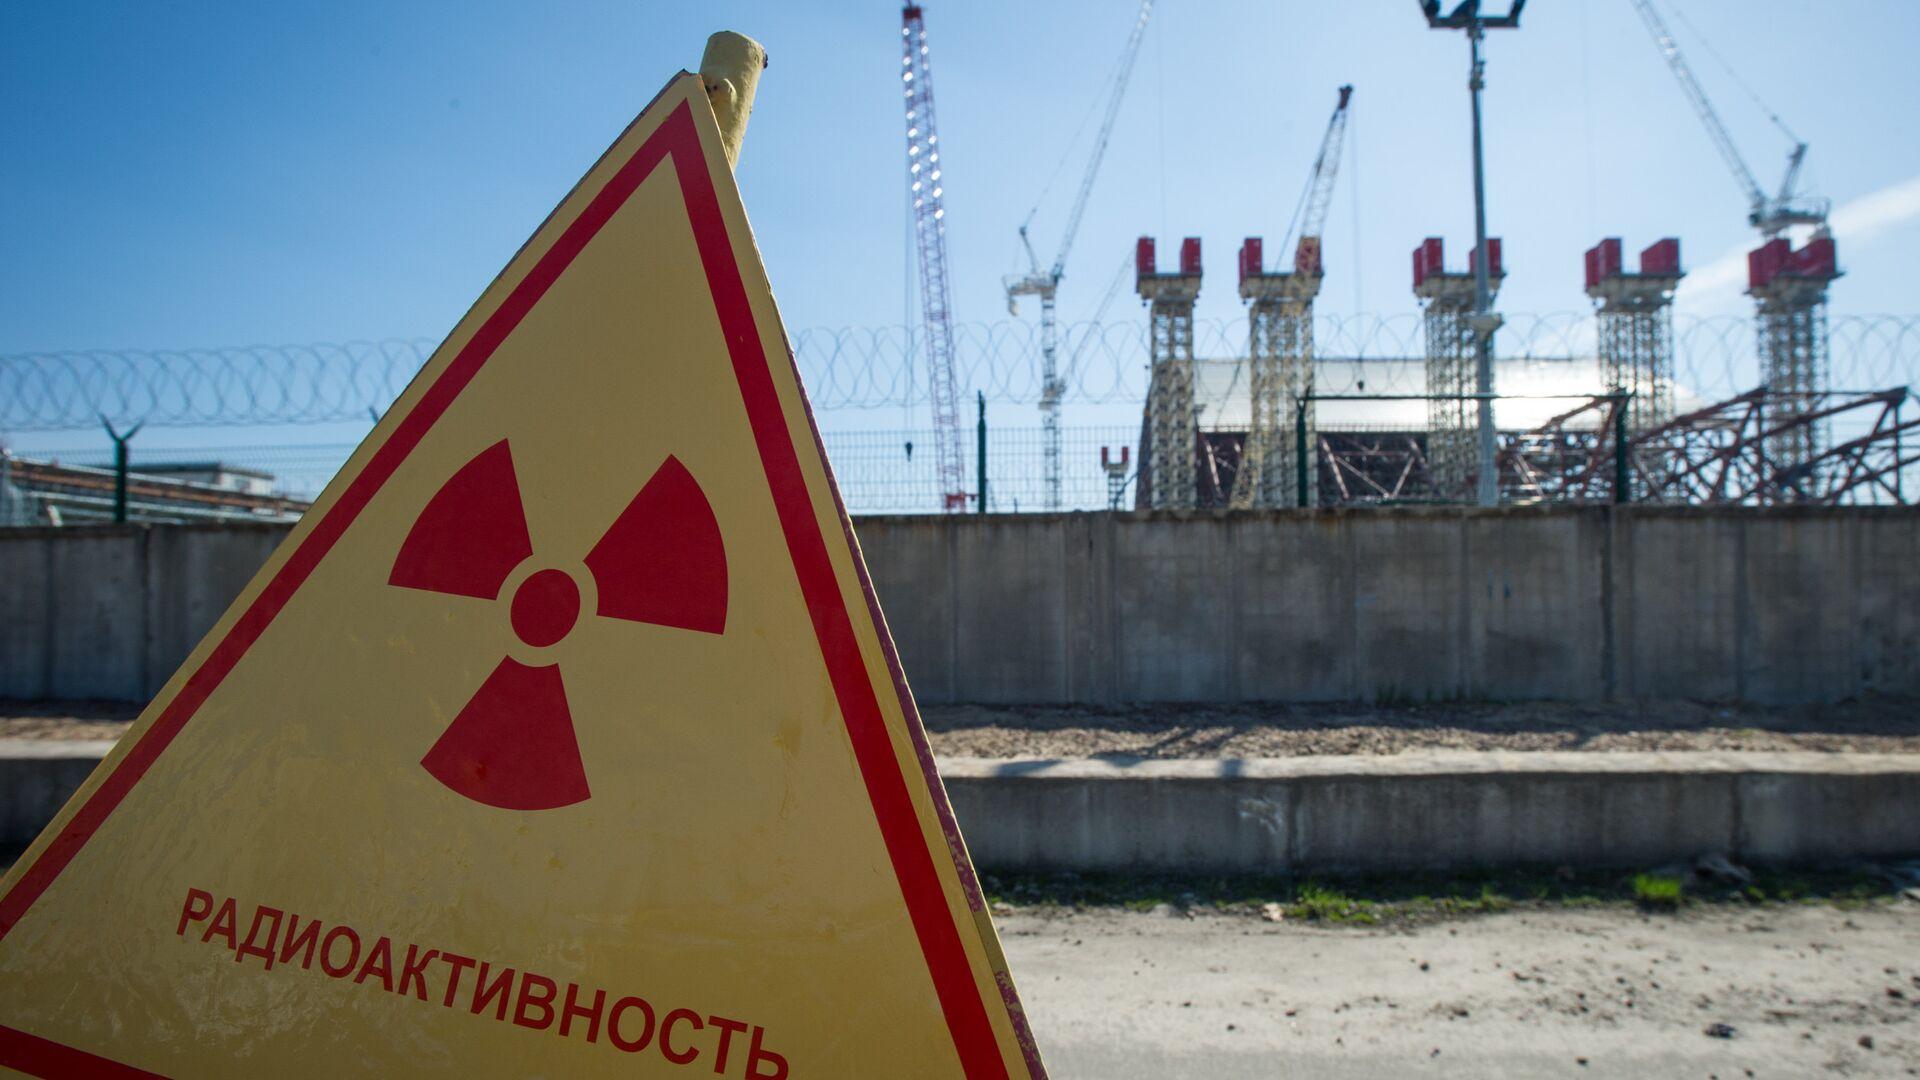 Чернобыль - Sputnik Узбекистан, 1920, 02.10.2021